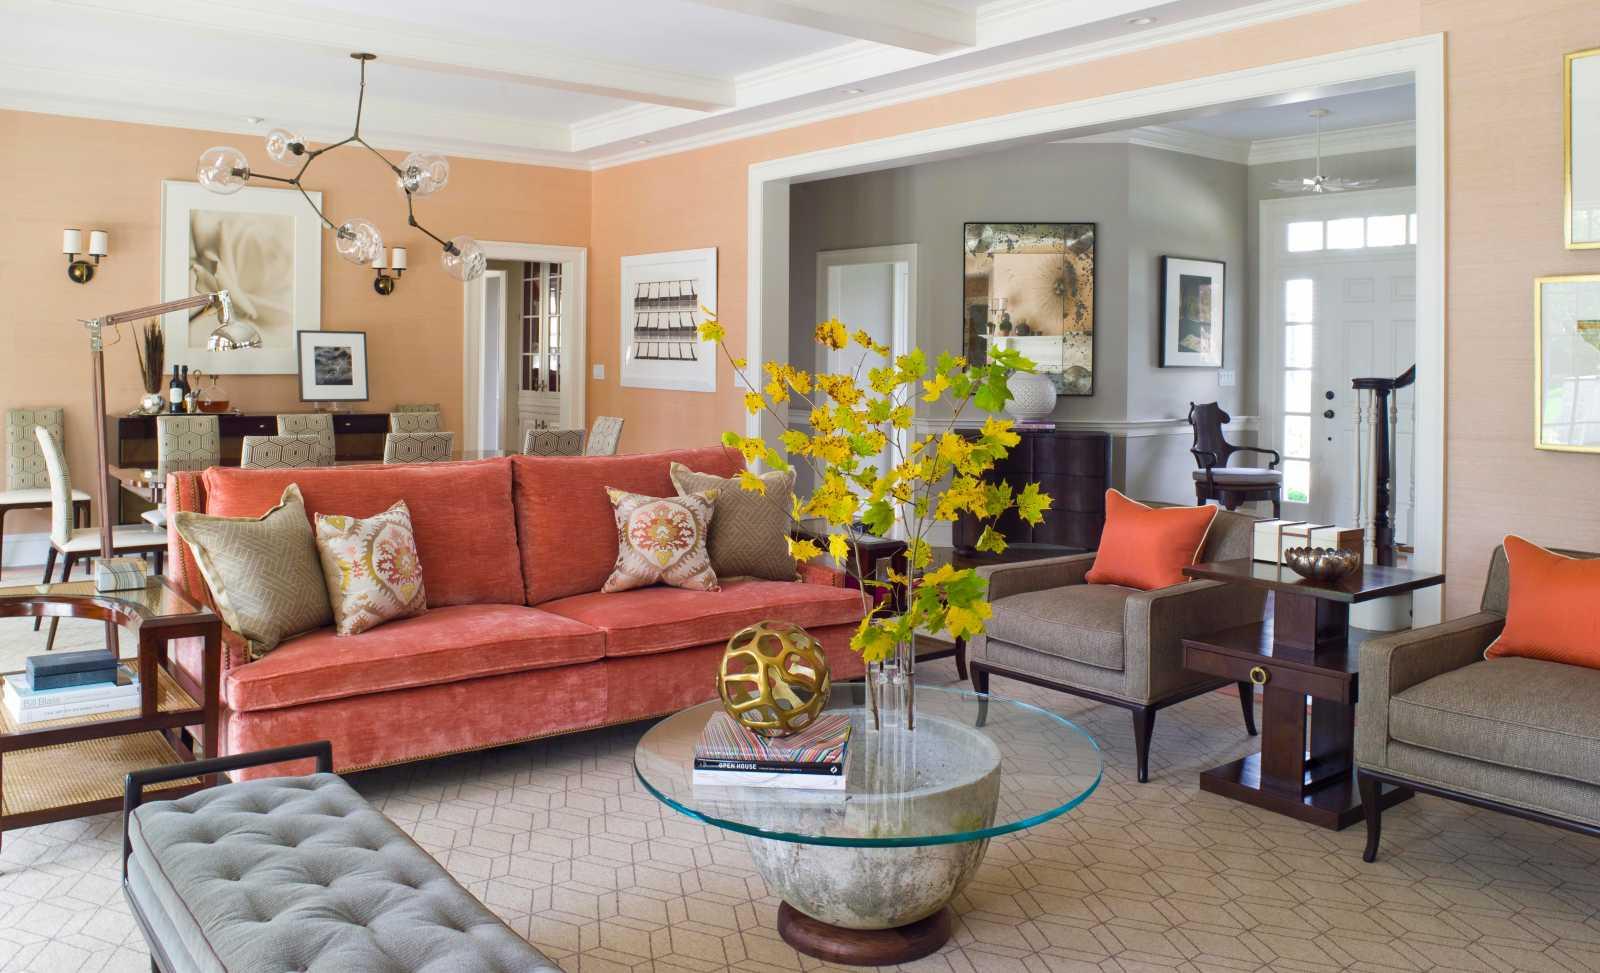 Кирпичный цвет сочетание с другими цветами в интерьере фото